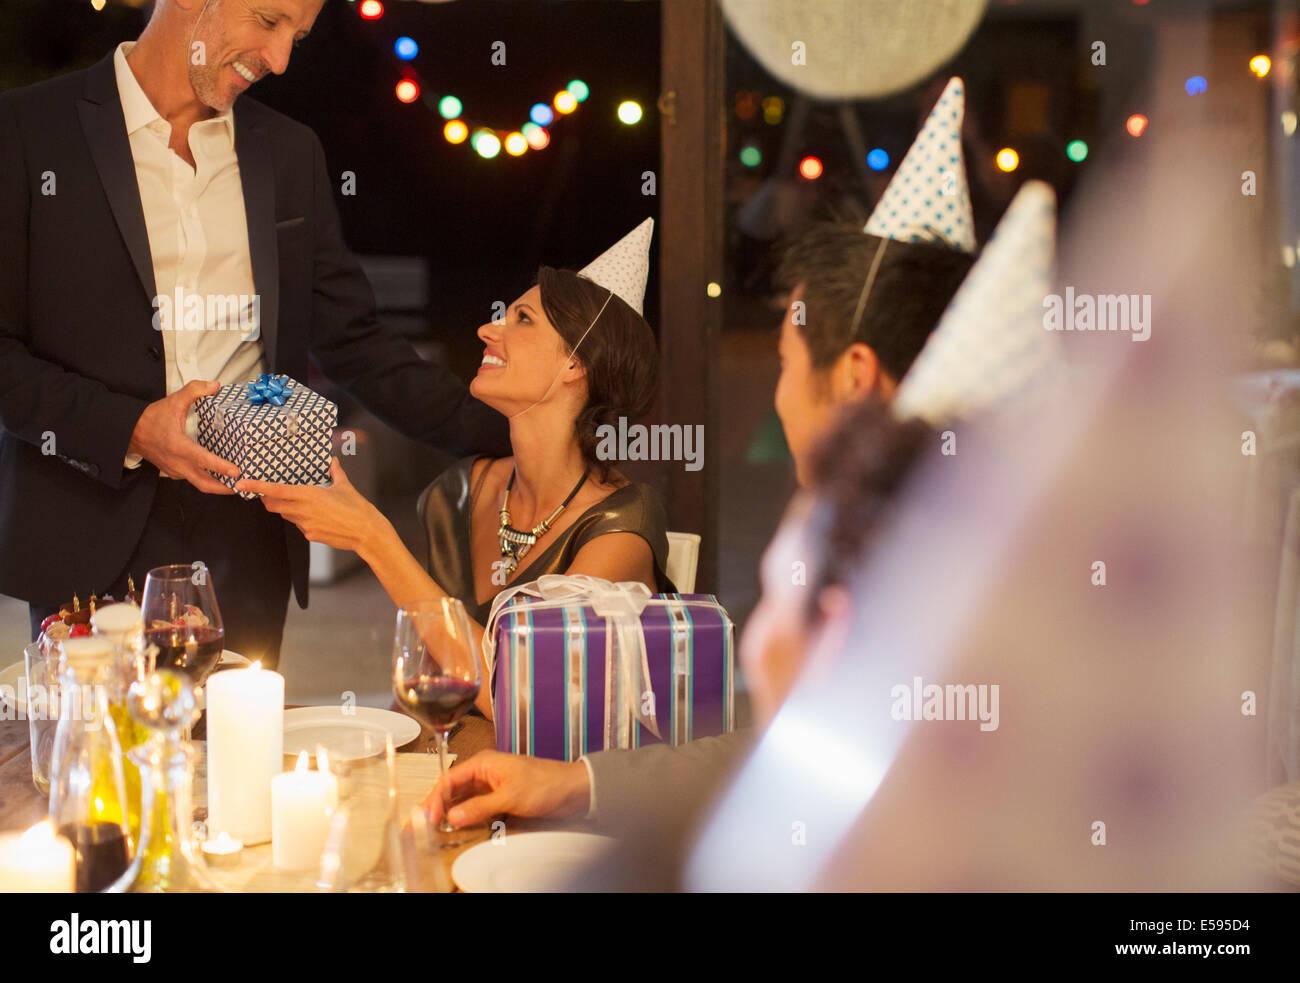 Hombre haciendo presente en la fiesta de cumpleaños Imagen De Stock